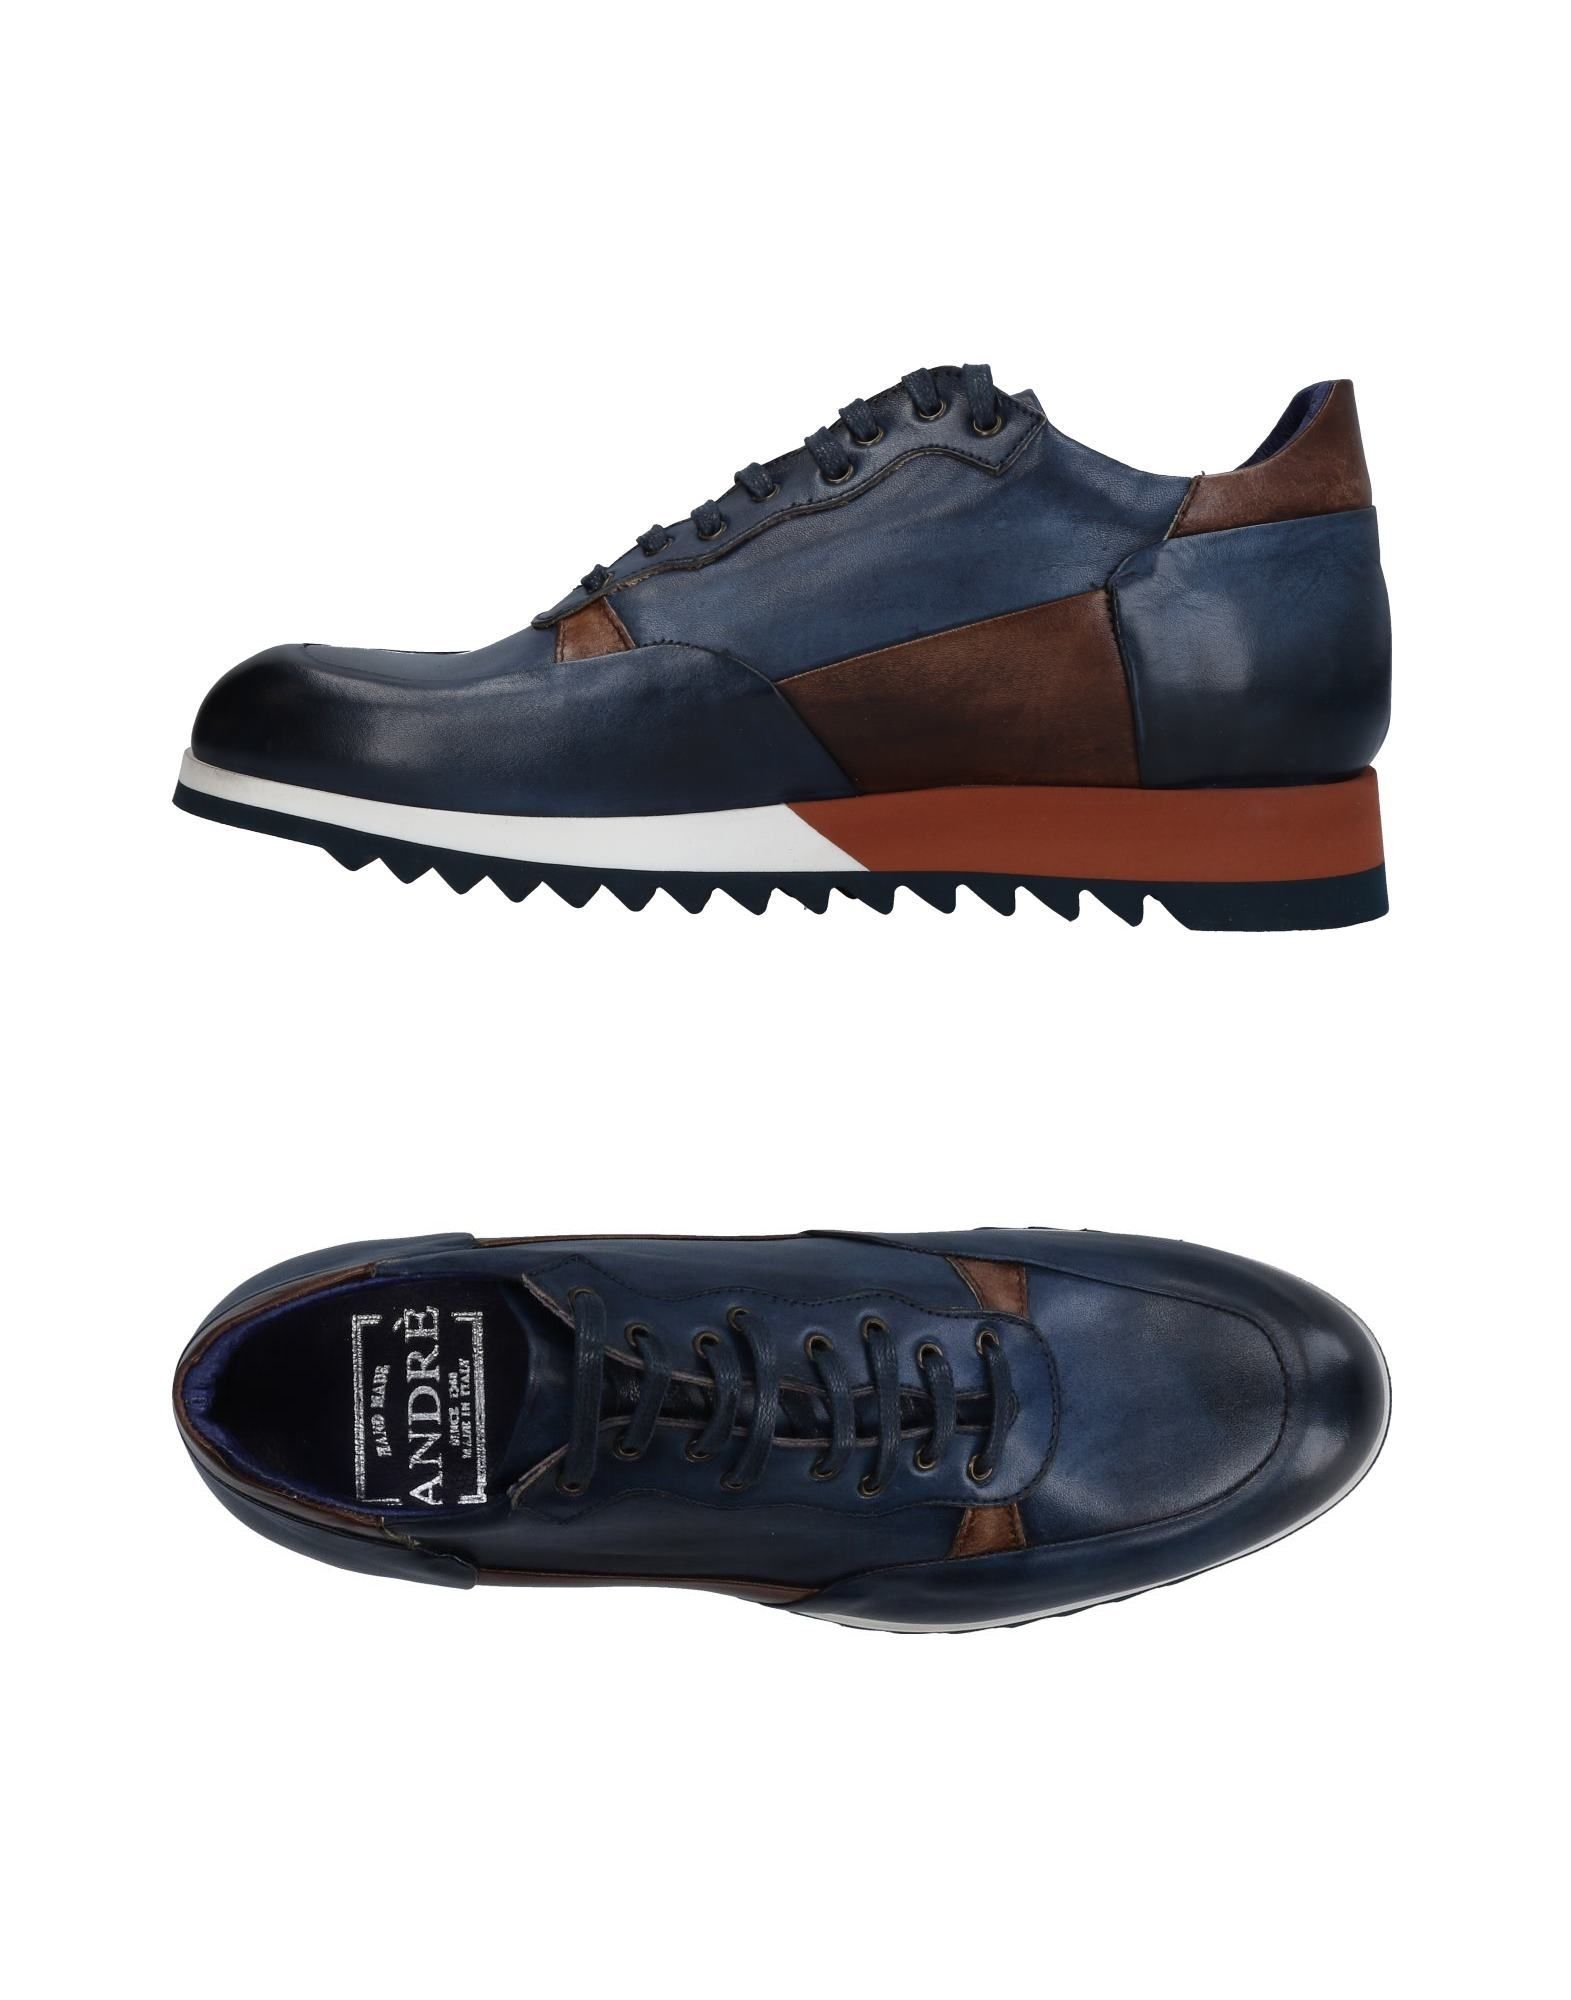 Rabatt echte Sneakers Schuhe Andrè Sneakers echte Herren  11458232RO 09c37f